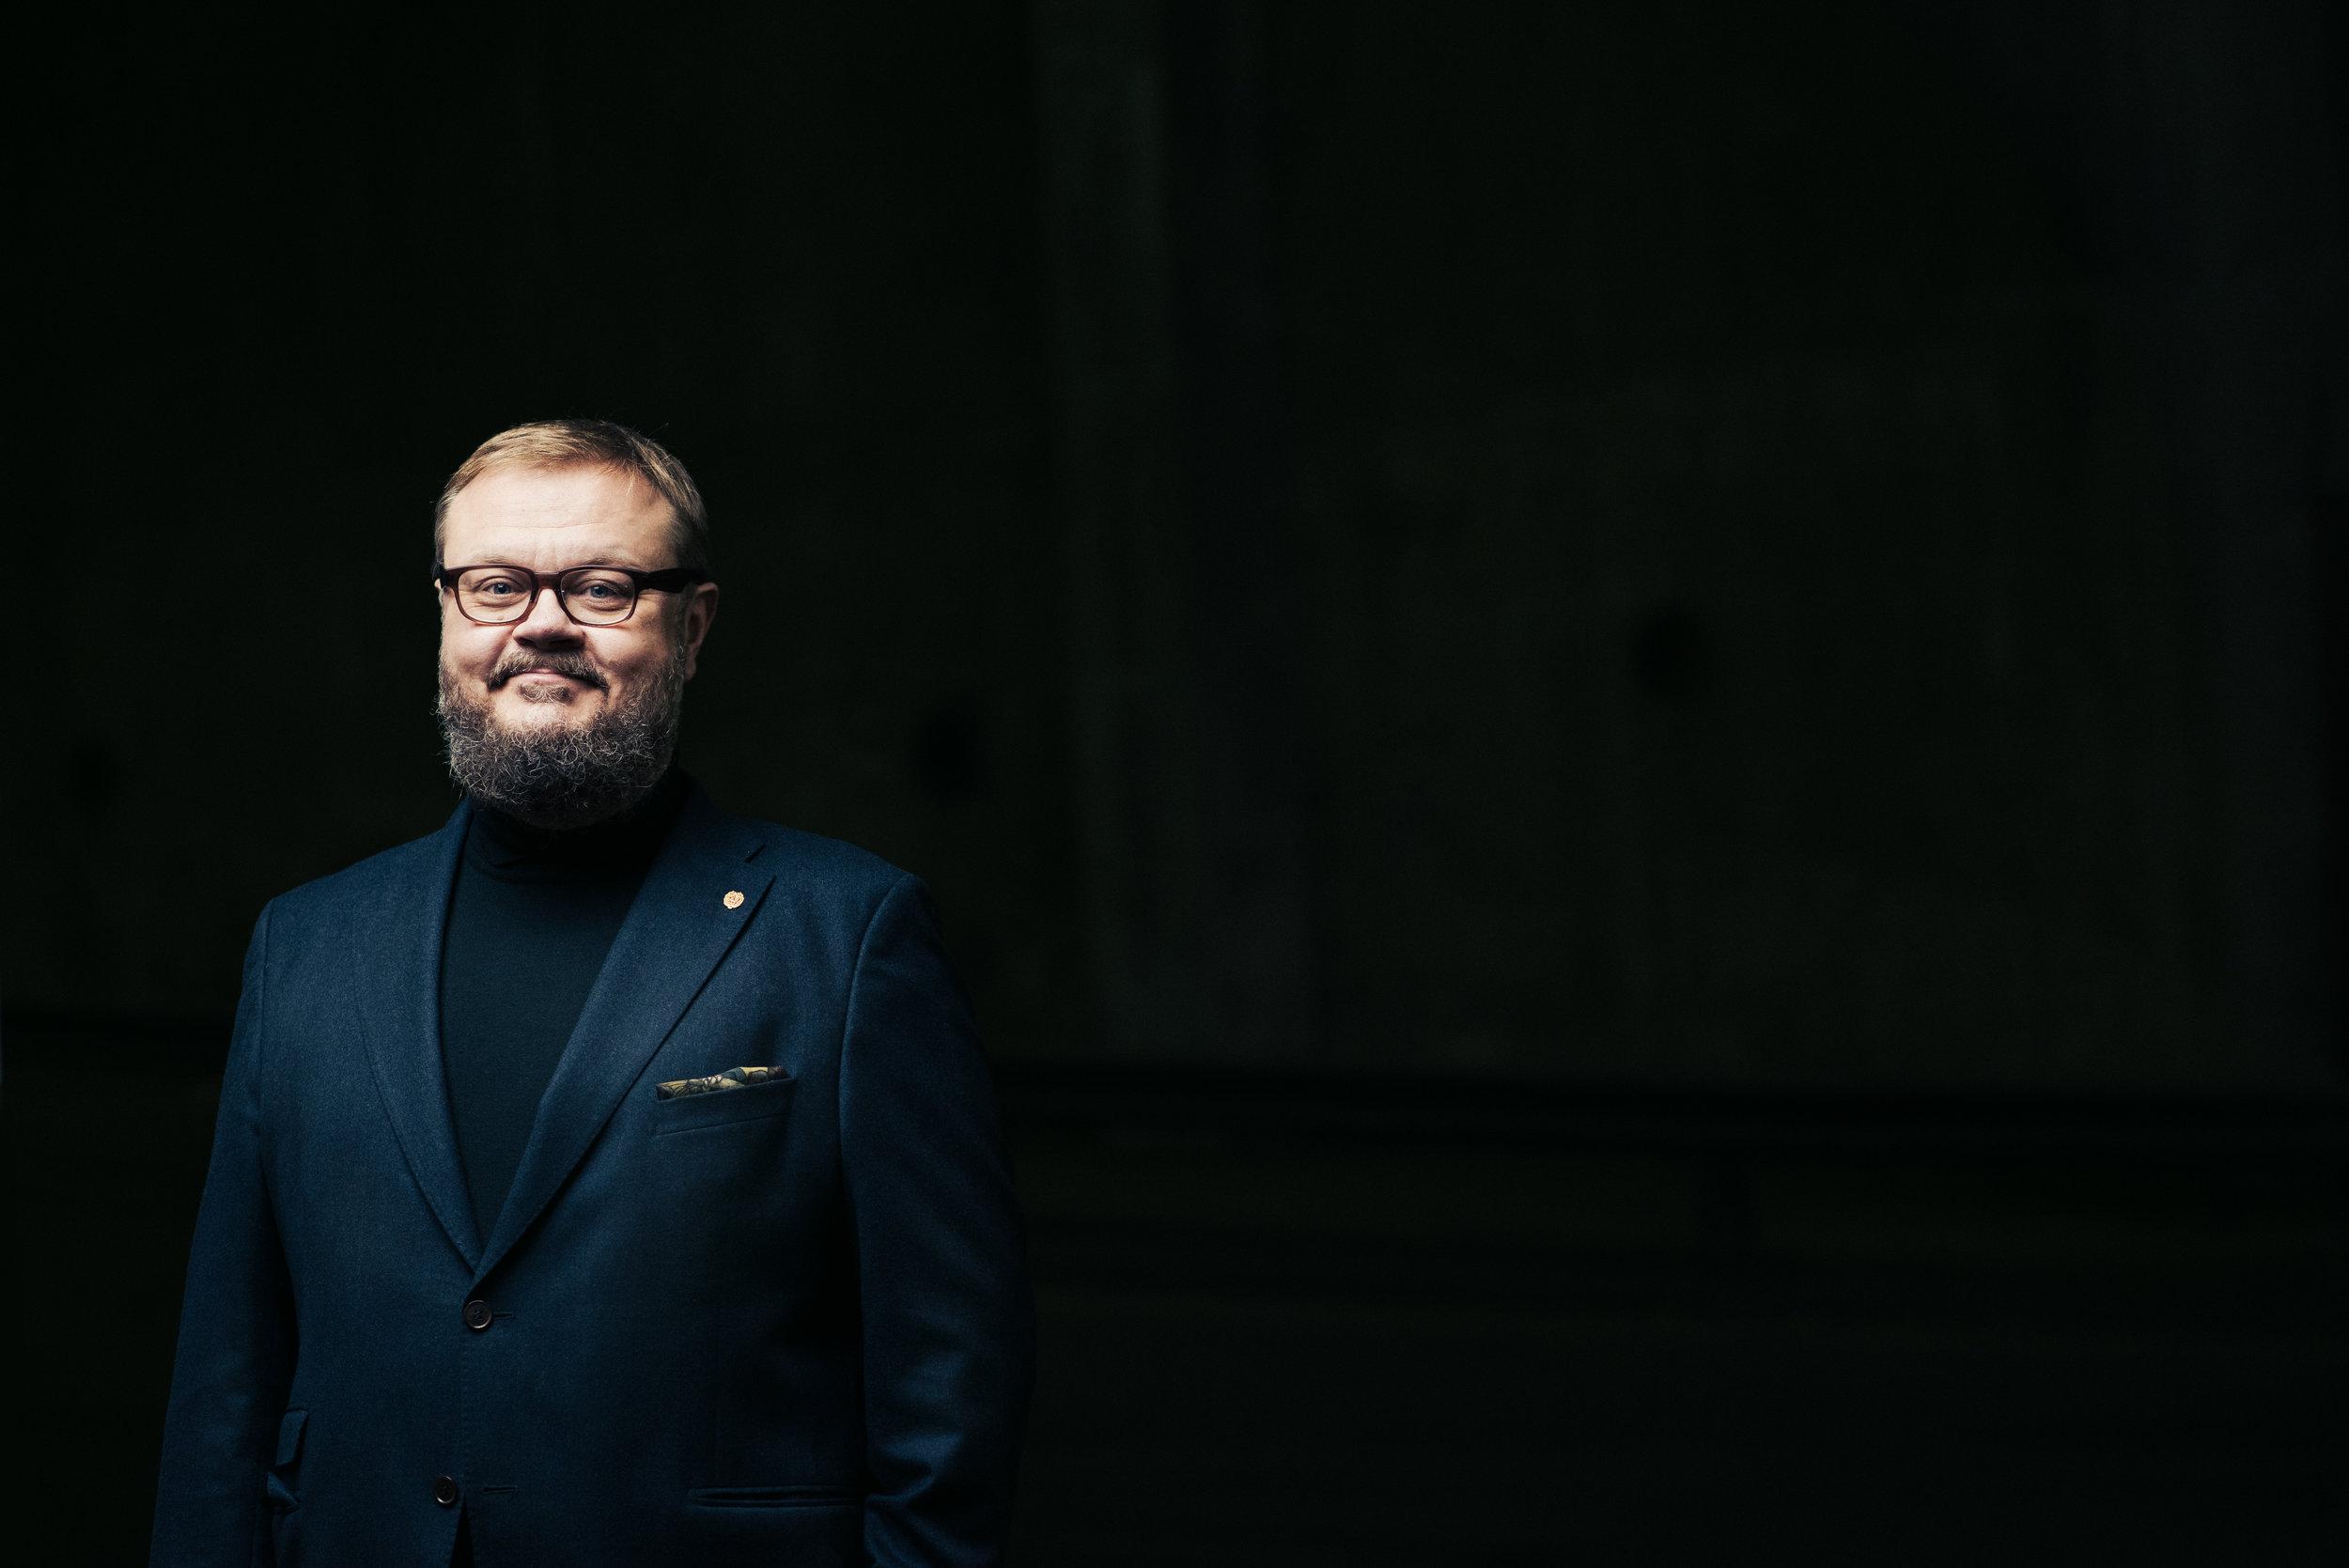 Petri Rajaniemi - Kirjoittaja ja puhuja, organisaatiokehityksen ammattilainen, toisinajattelija